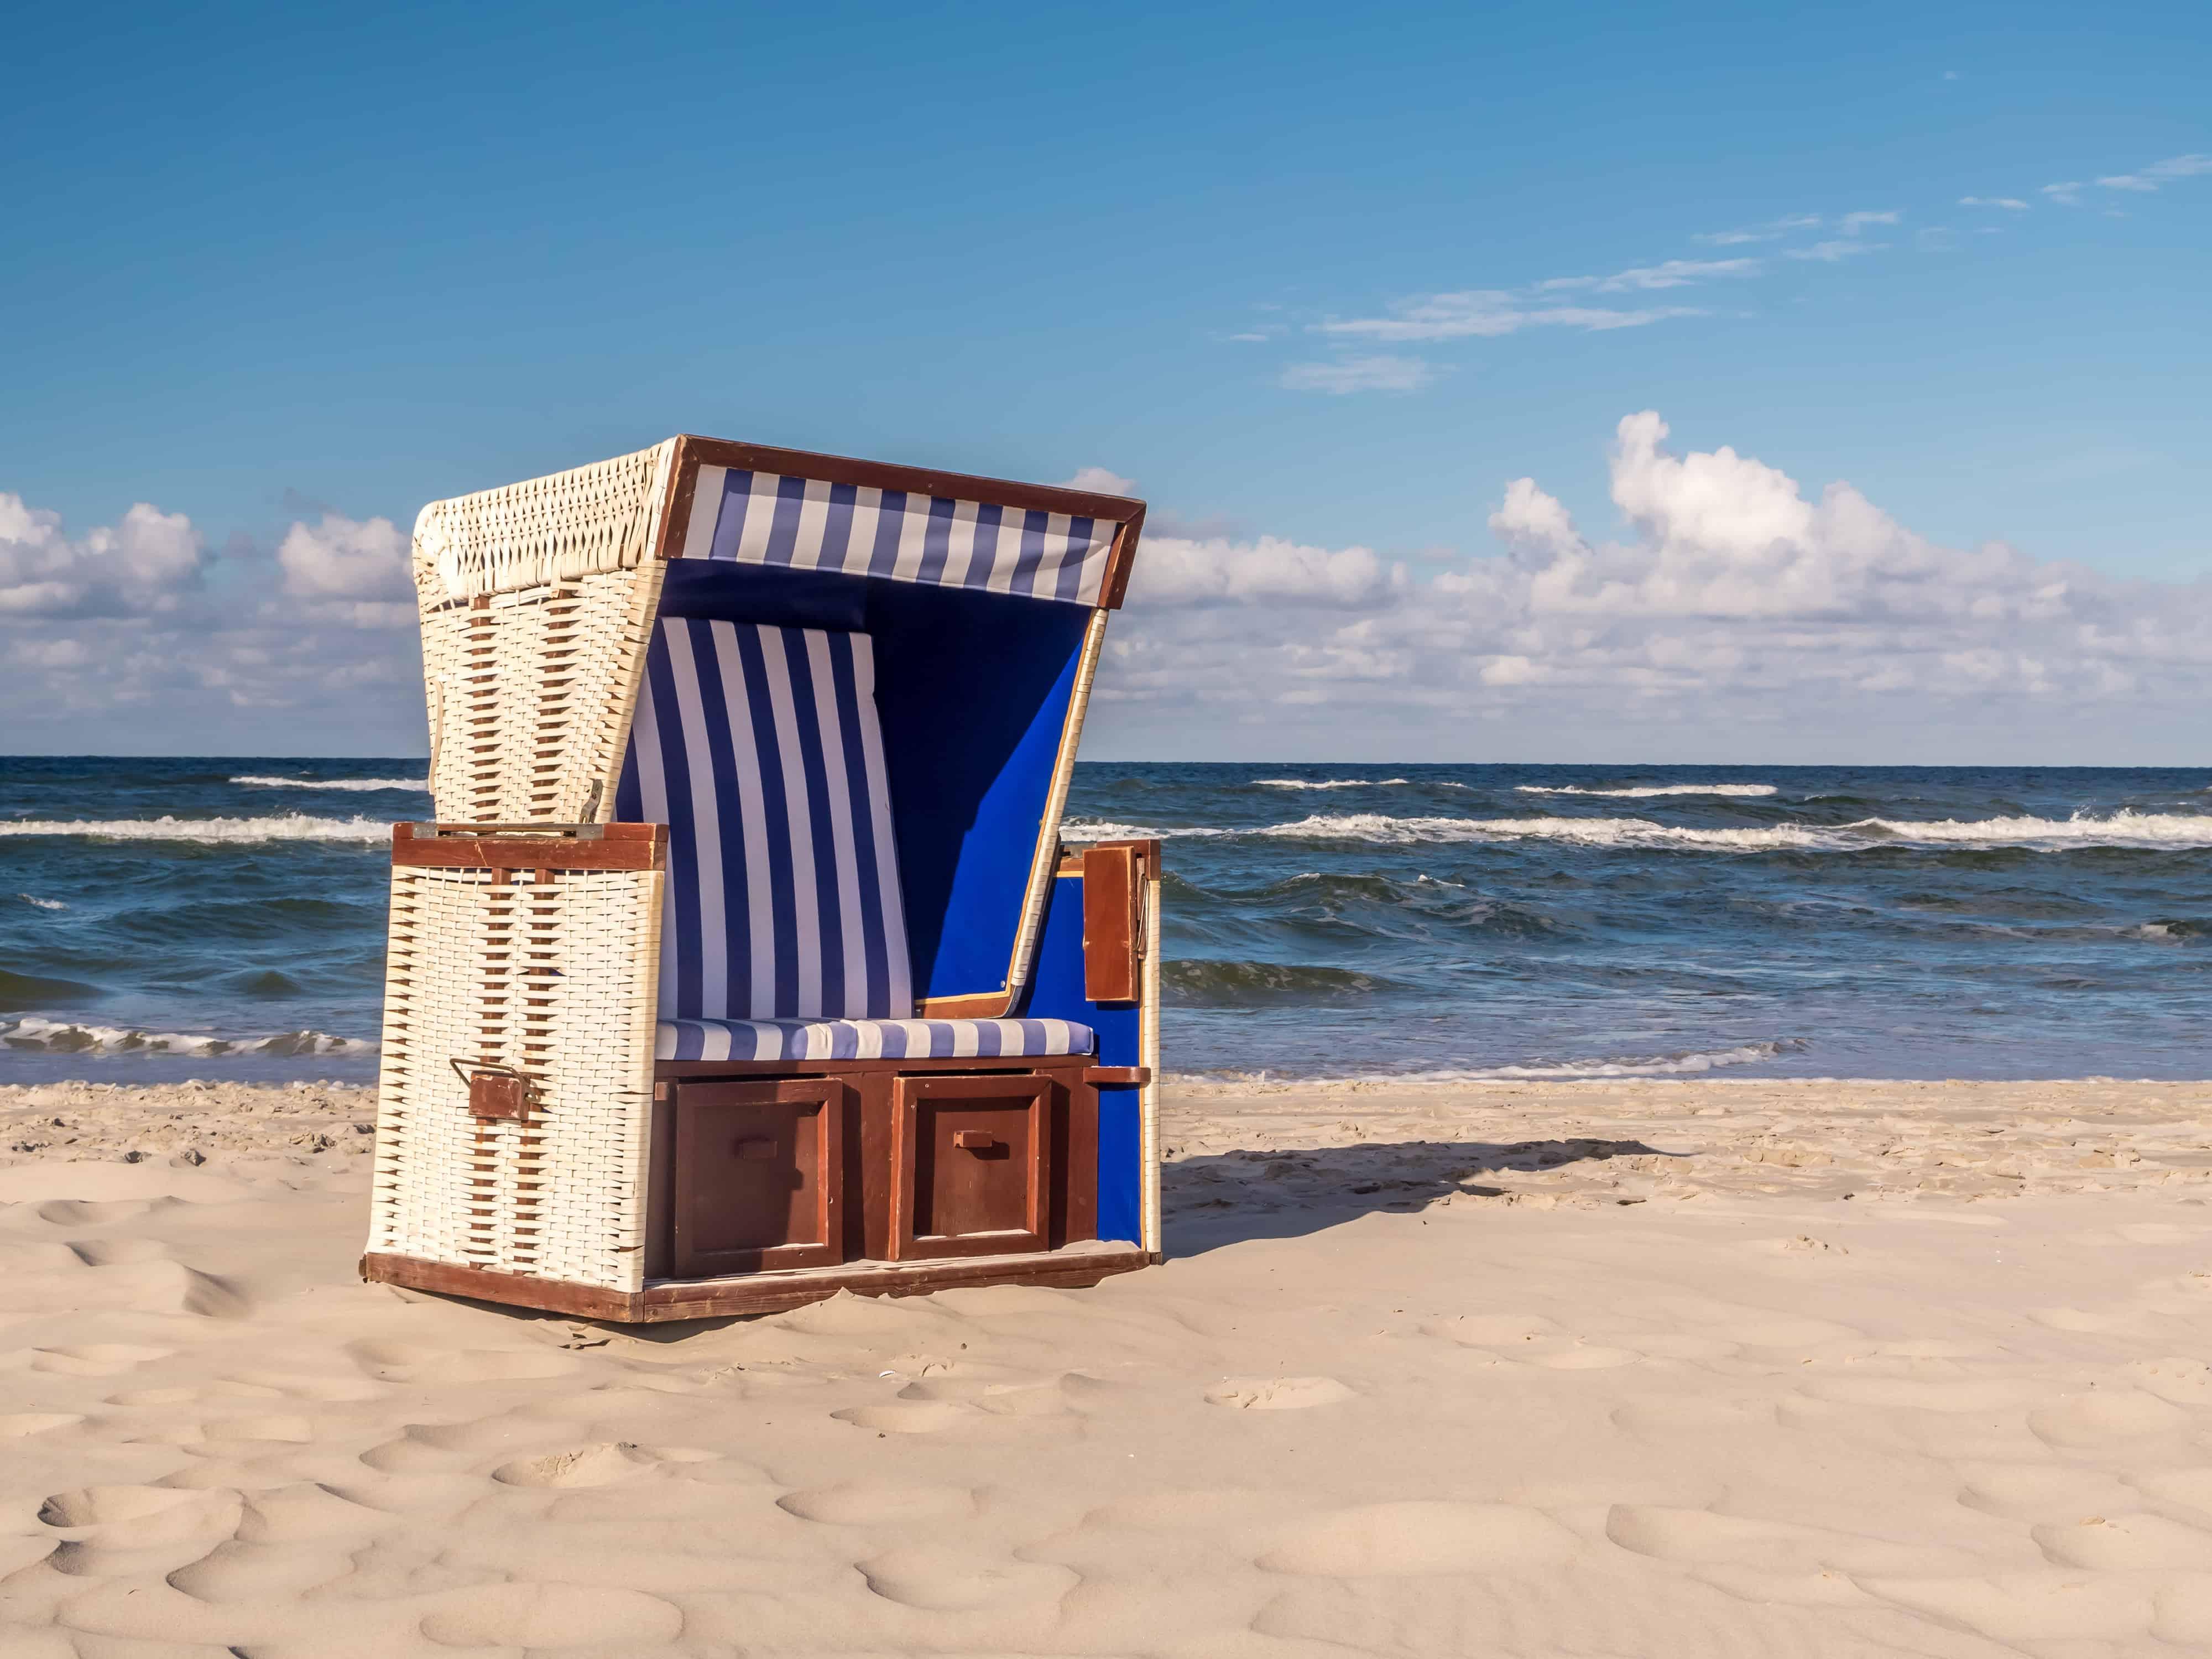 Strandkorb: Test & Empfehlungen (01/20)